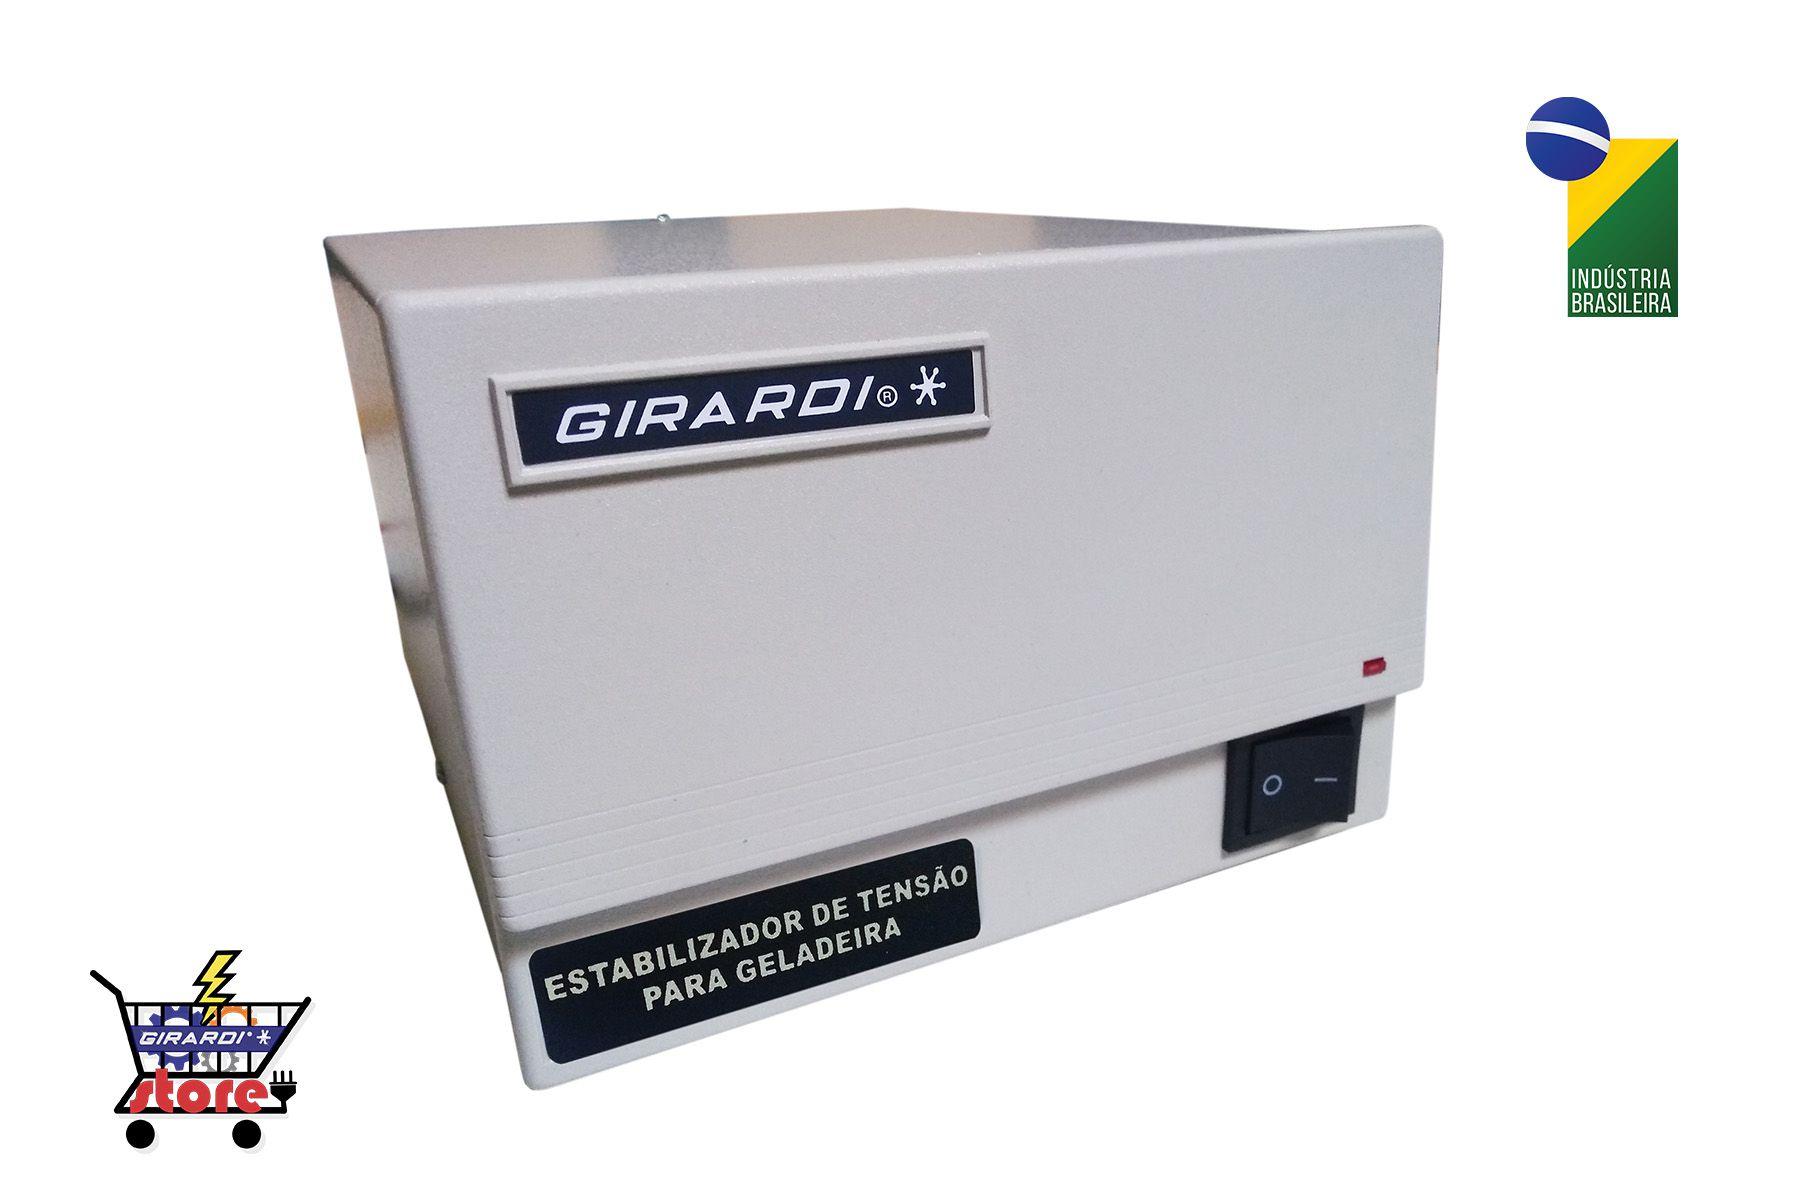 Protetor Eletrônico 1050 W Girardi Conversor AM 127 Para 220 V